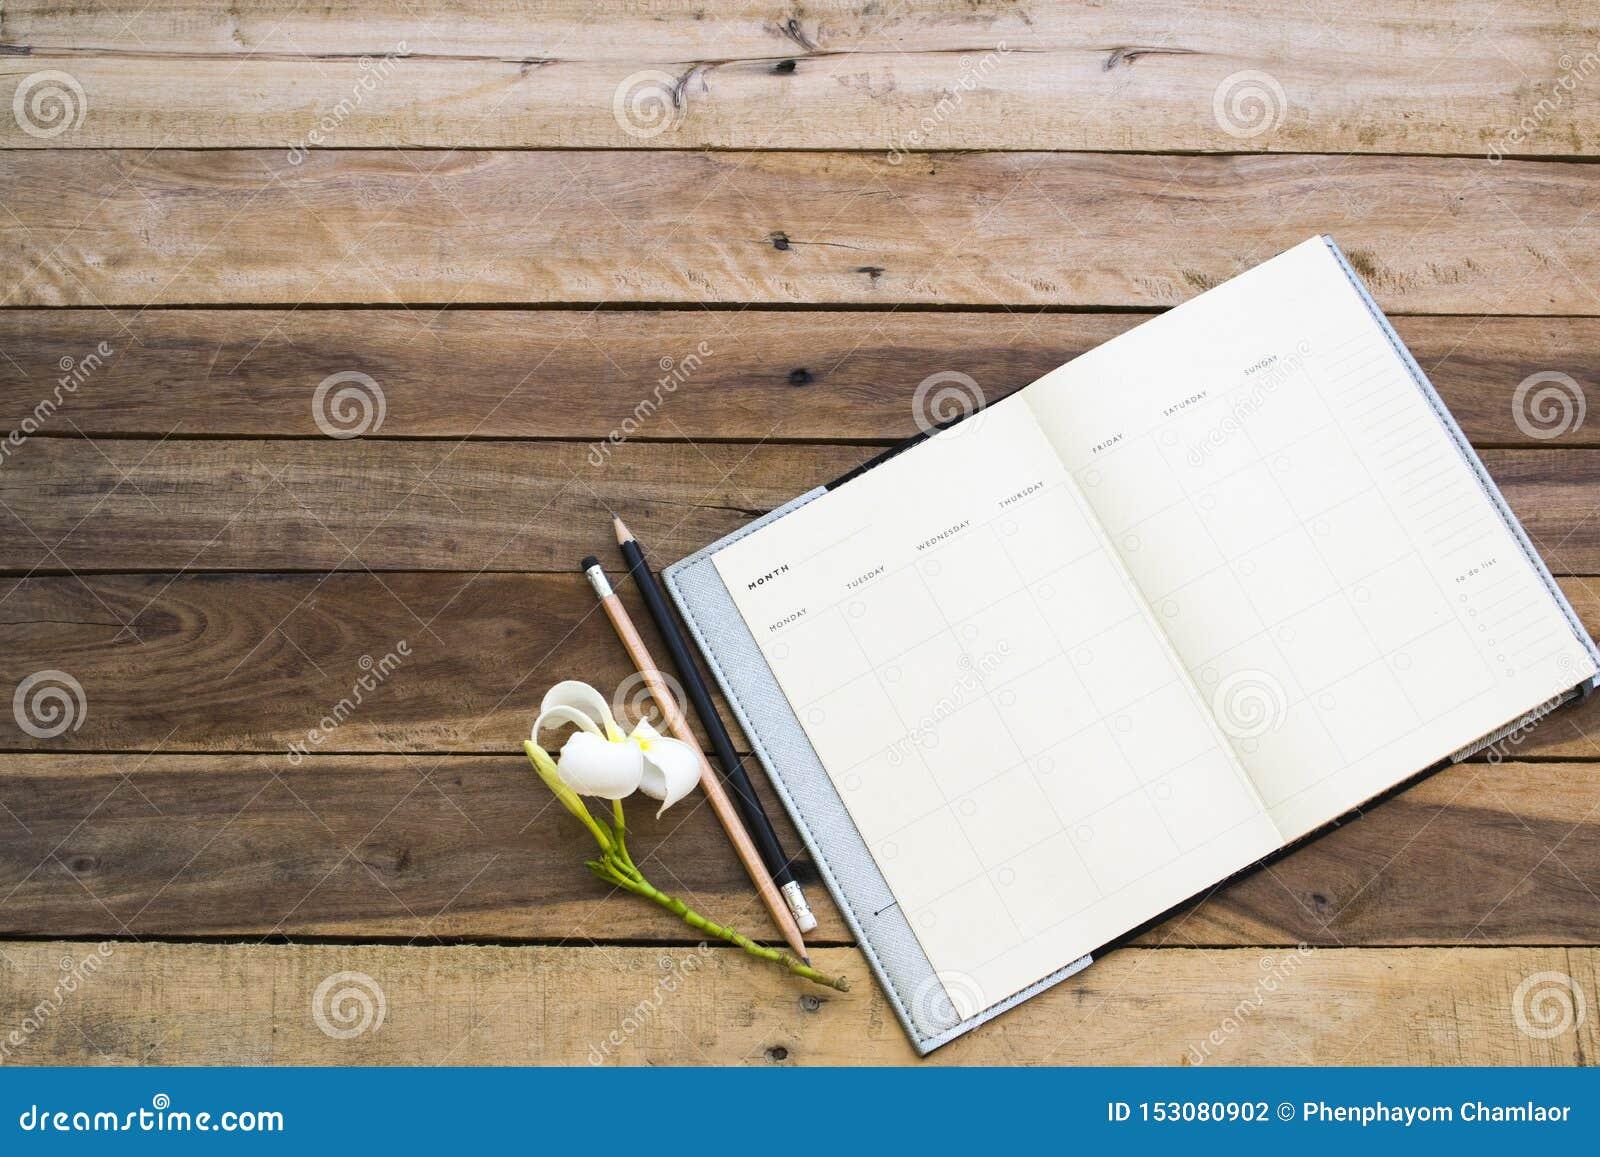 Плановик тетради для работы дела на столе офиса